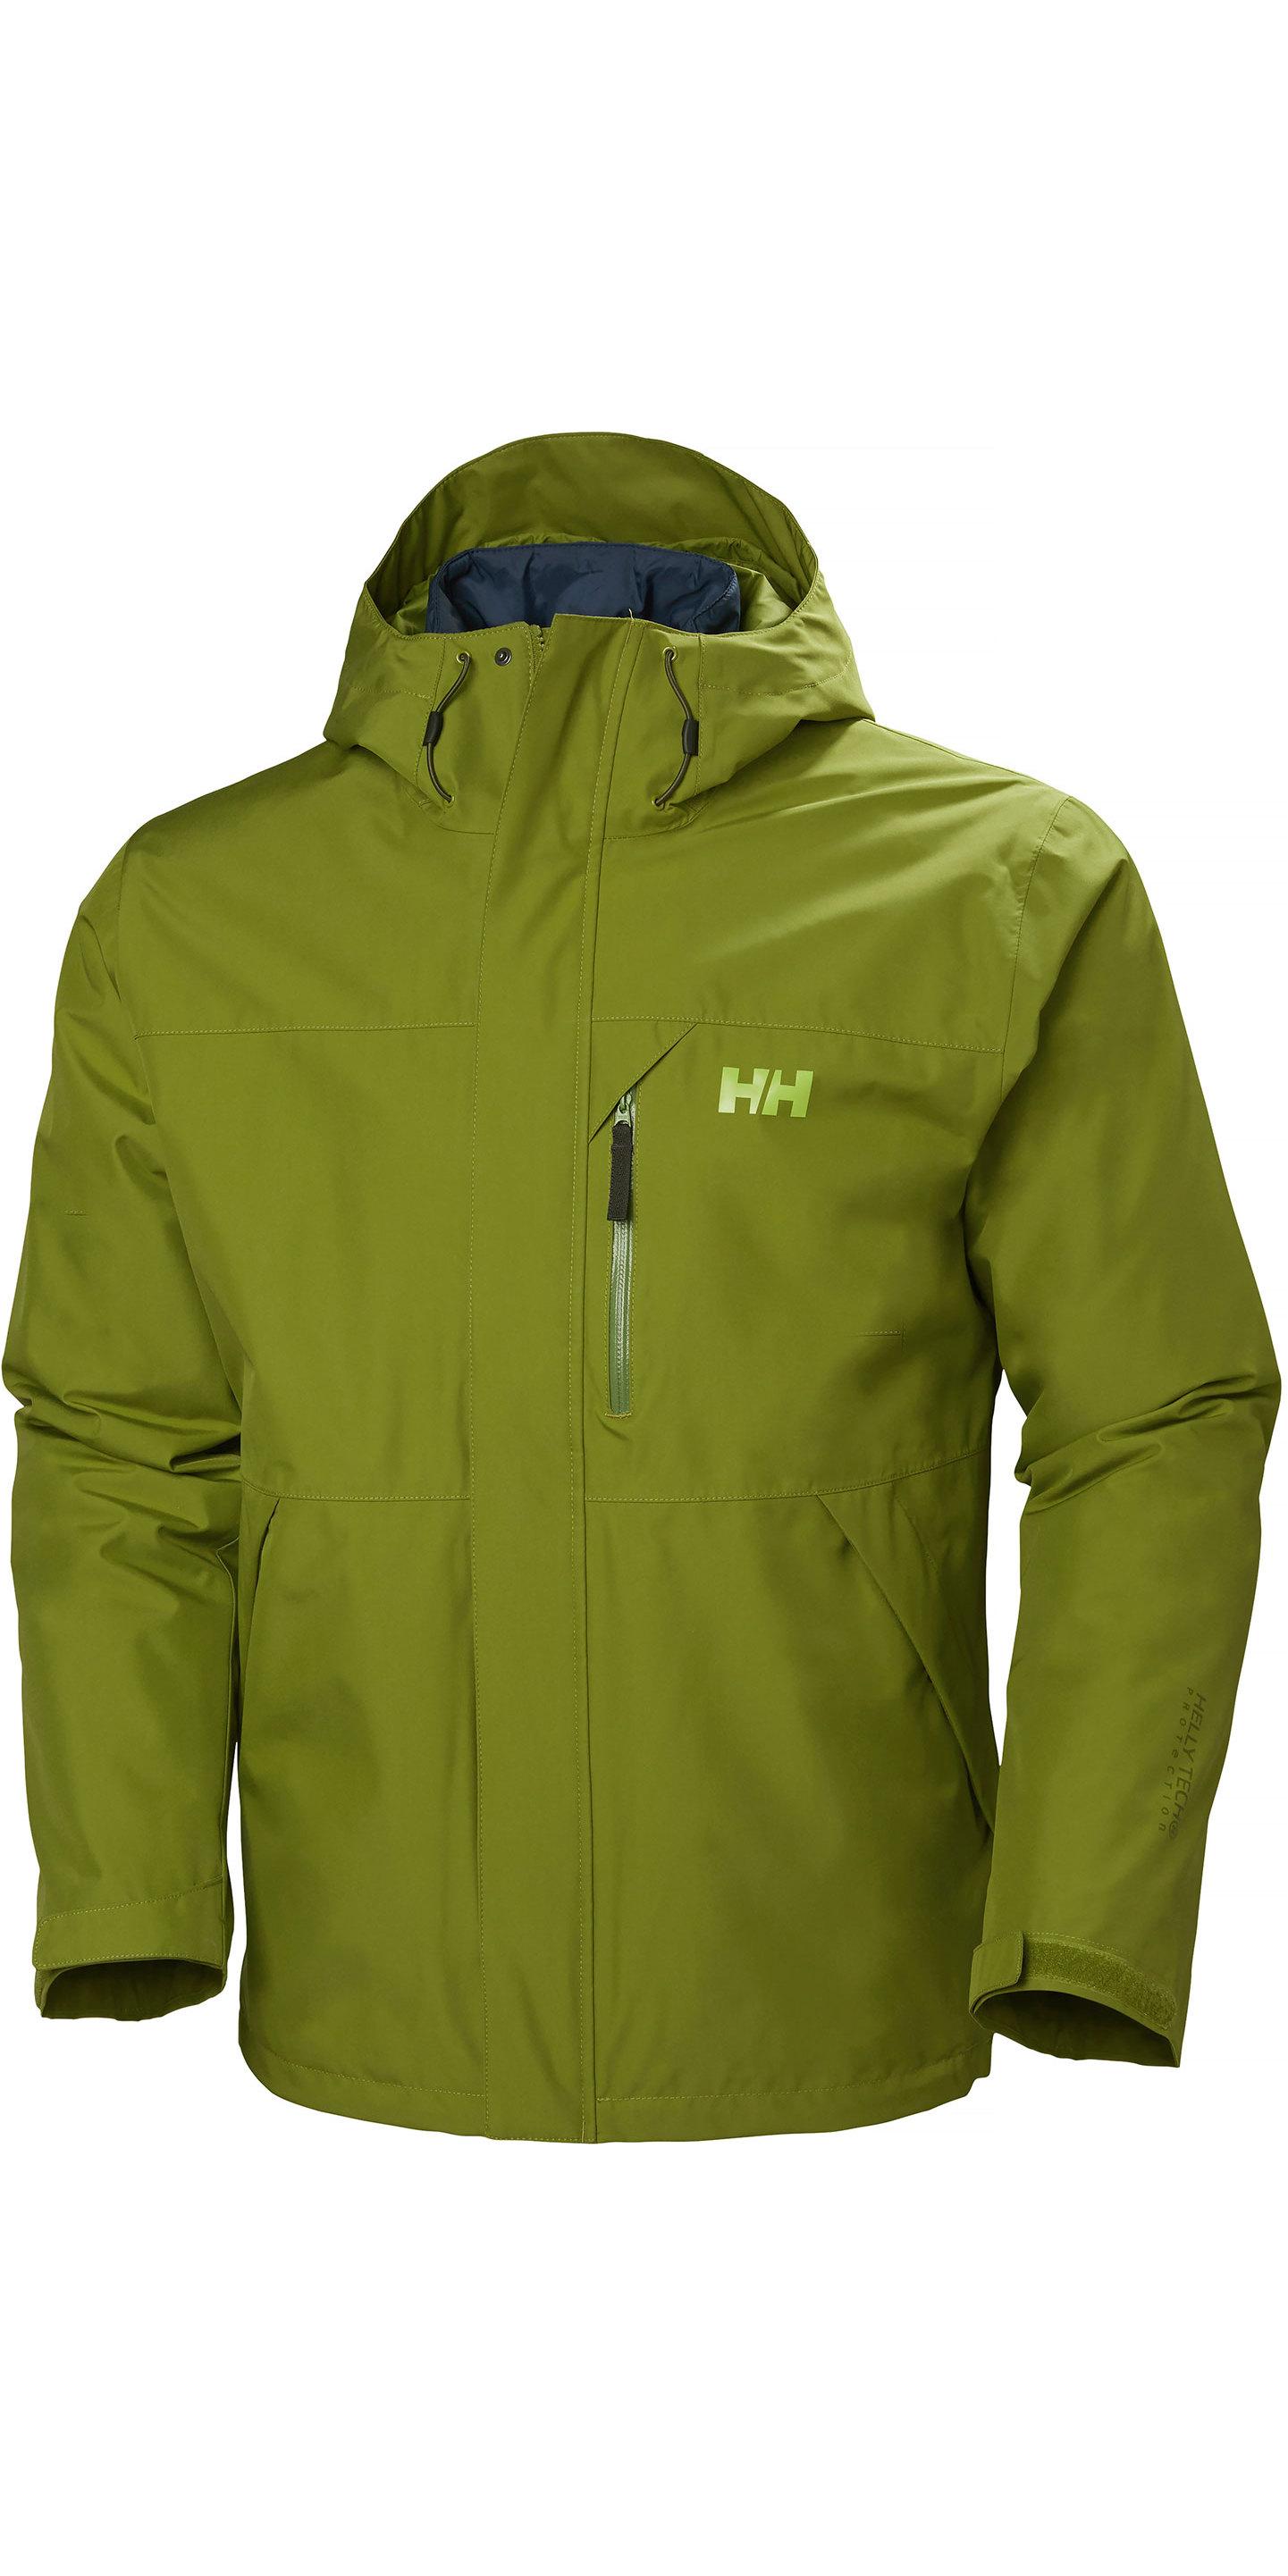 2019 Helly Hansen Hansen Helly Hansen Squamish Cis 3 in 1 Jacke 62368 Wood Green